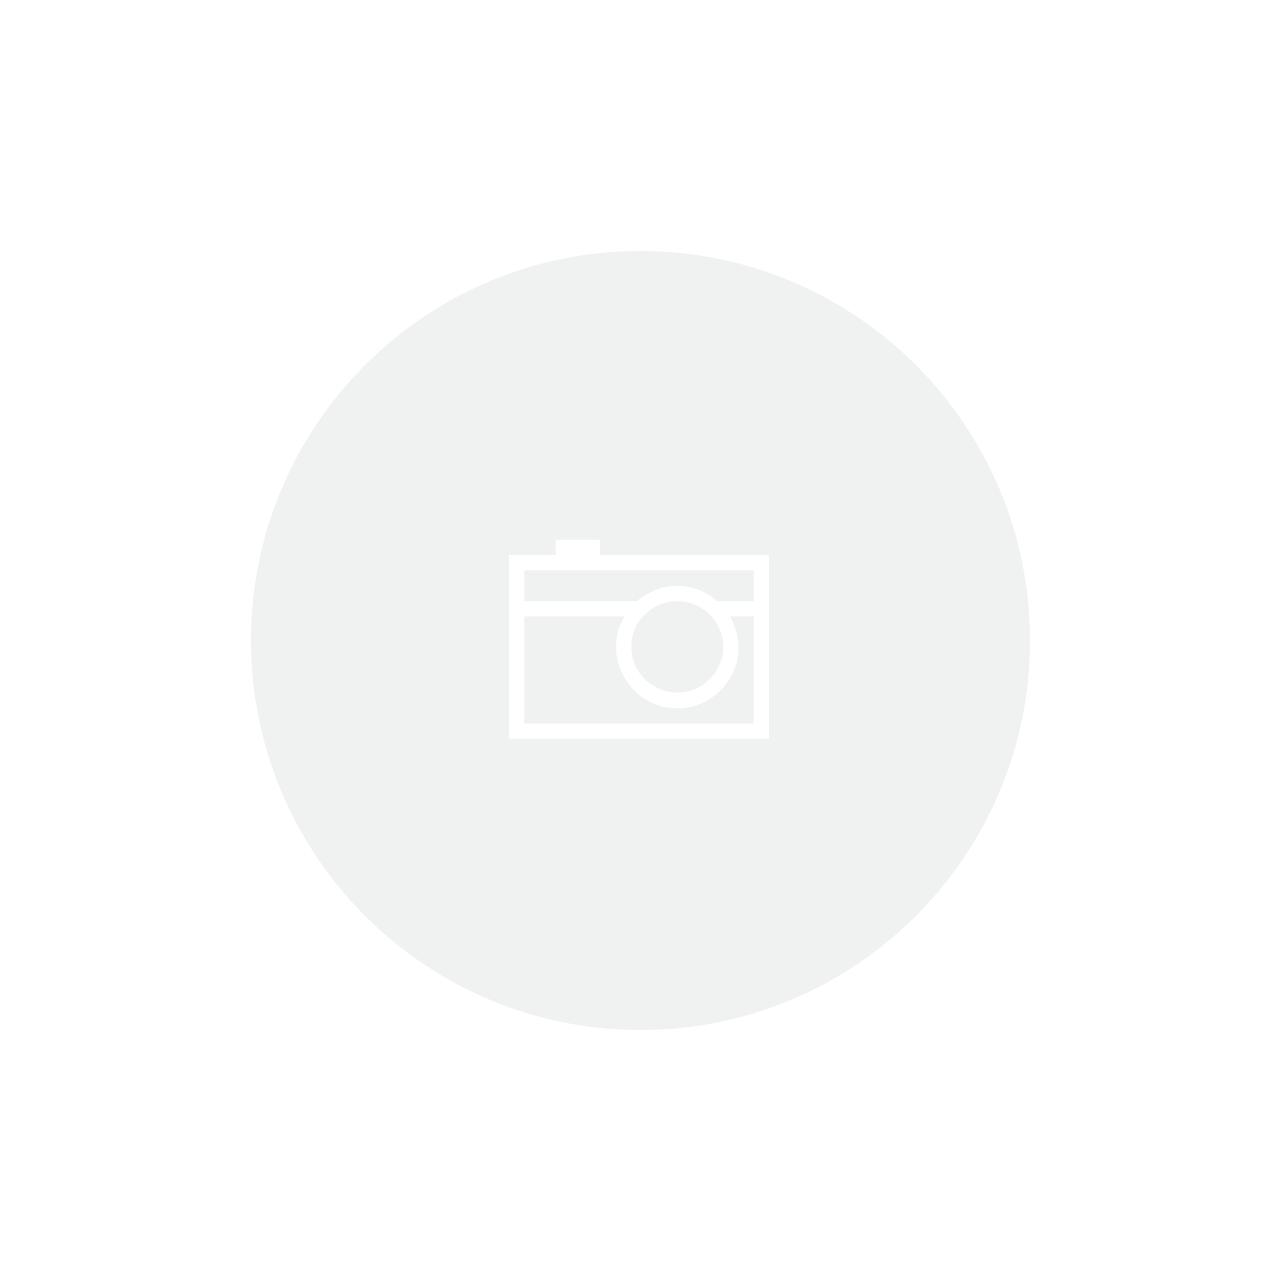 BICICLETA 29 BMC TEAMELITE 03 ONE 2019 11V SLX